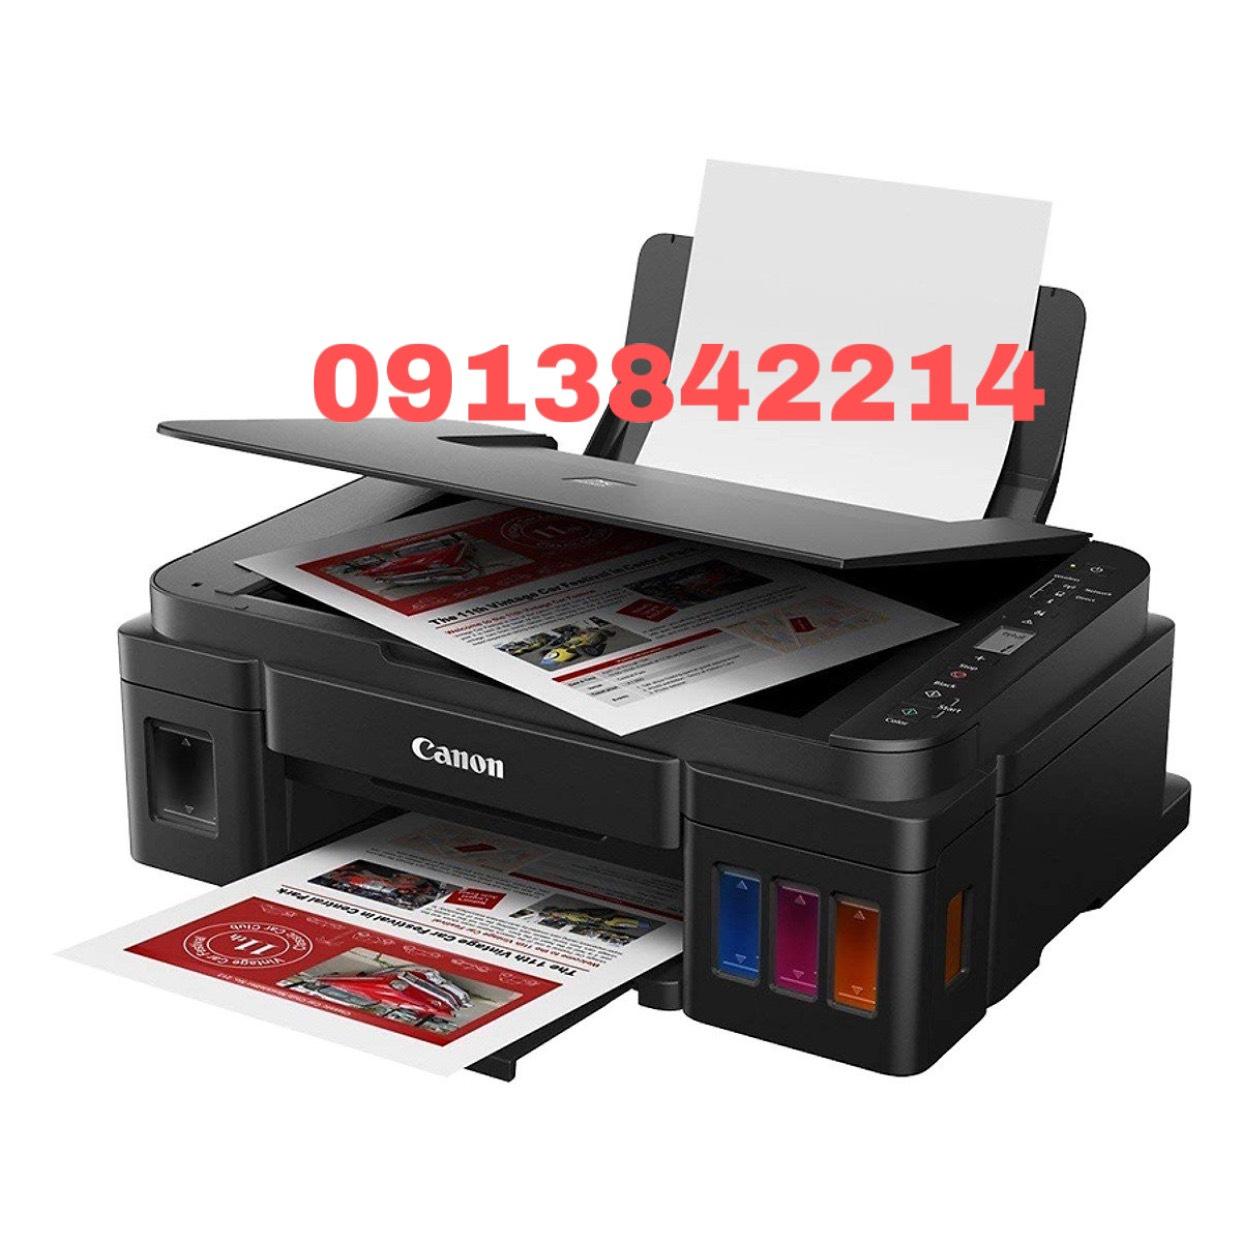 Máy in phun màu Canon G2010 đời mới sử dụng 4 bình mực Dye uv inkjet như hình dưới (in/scan/copy)